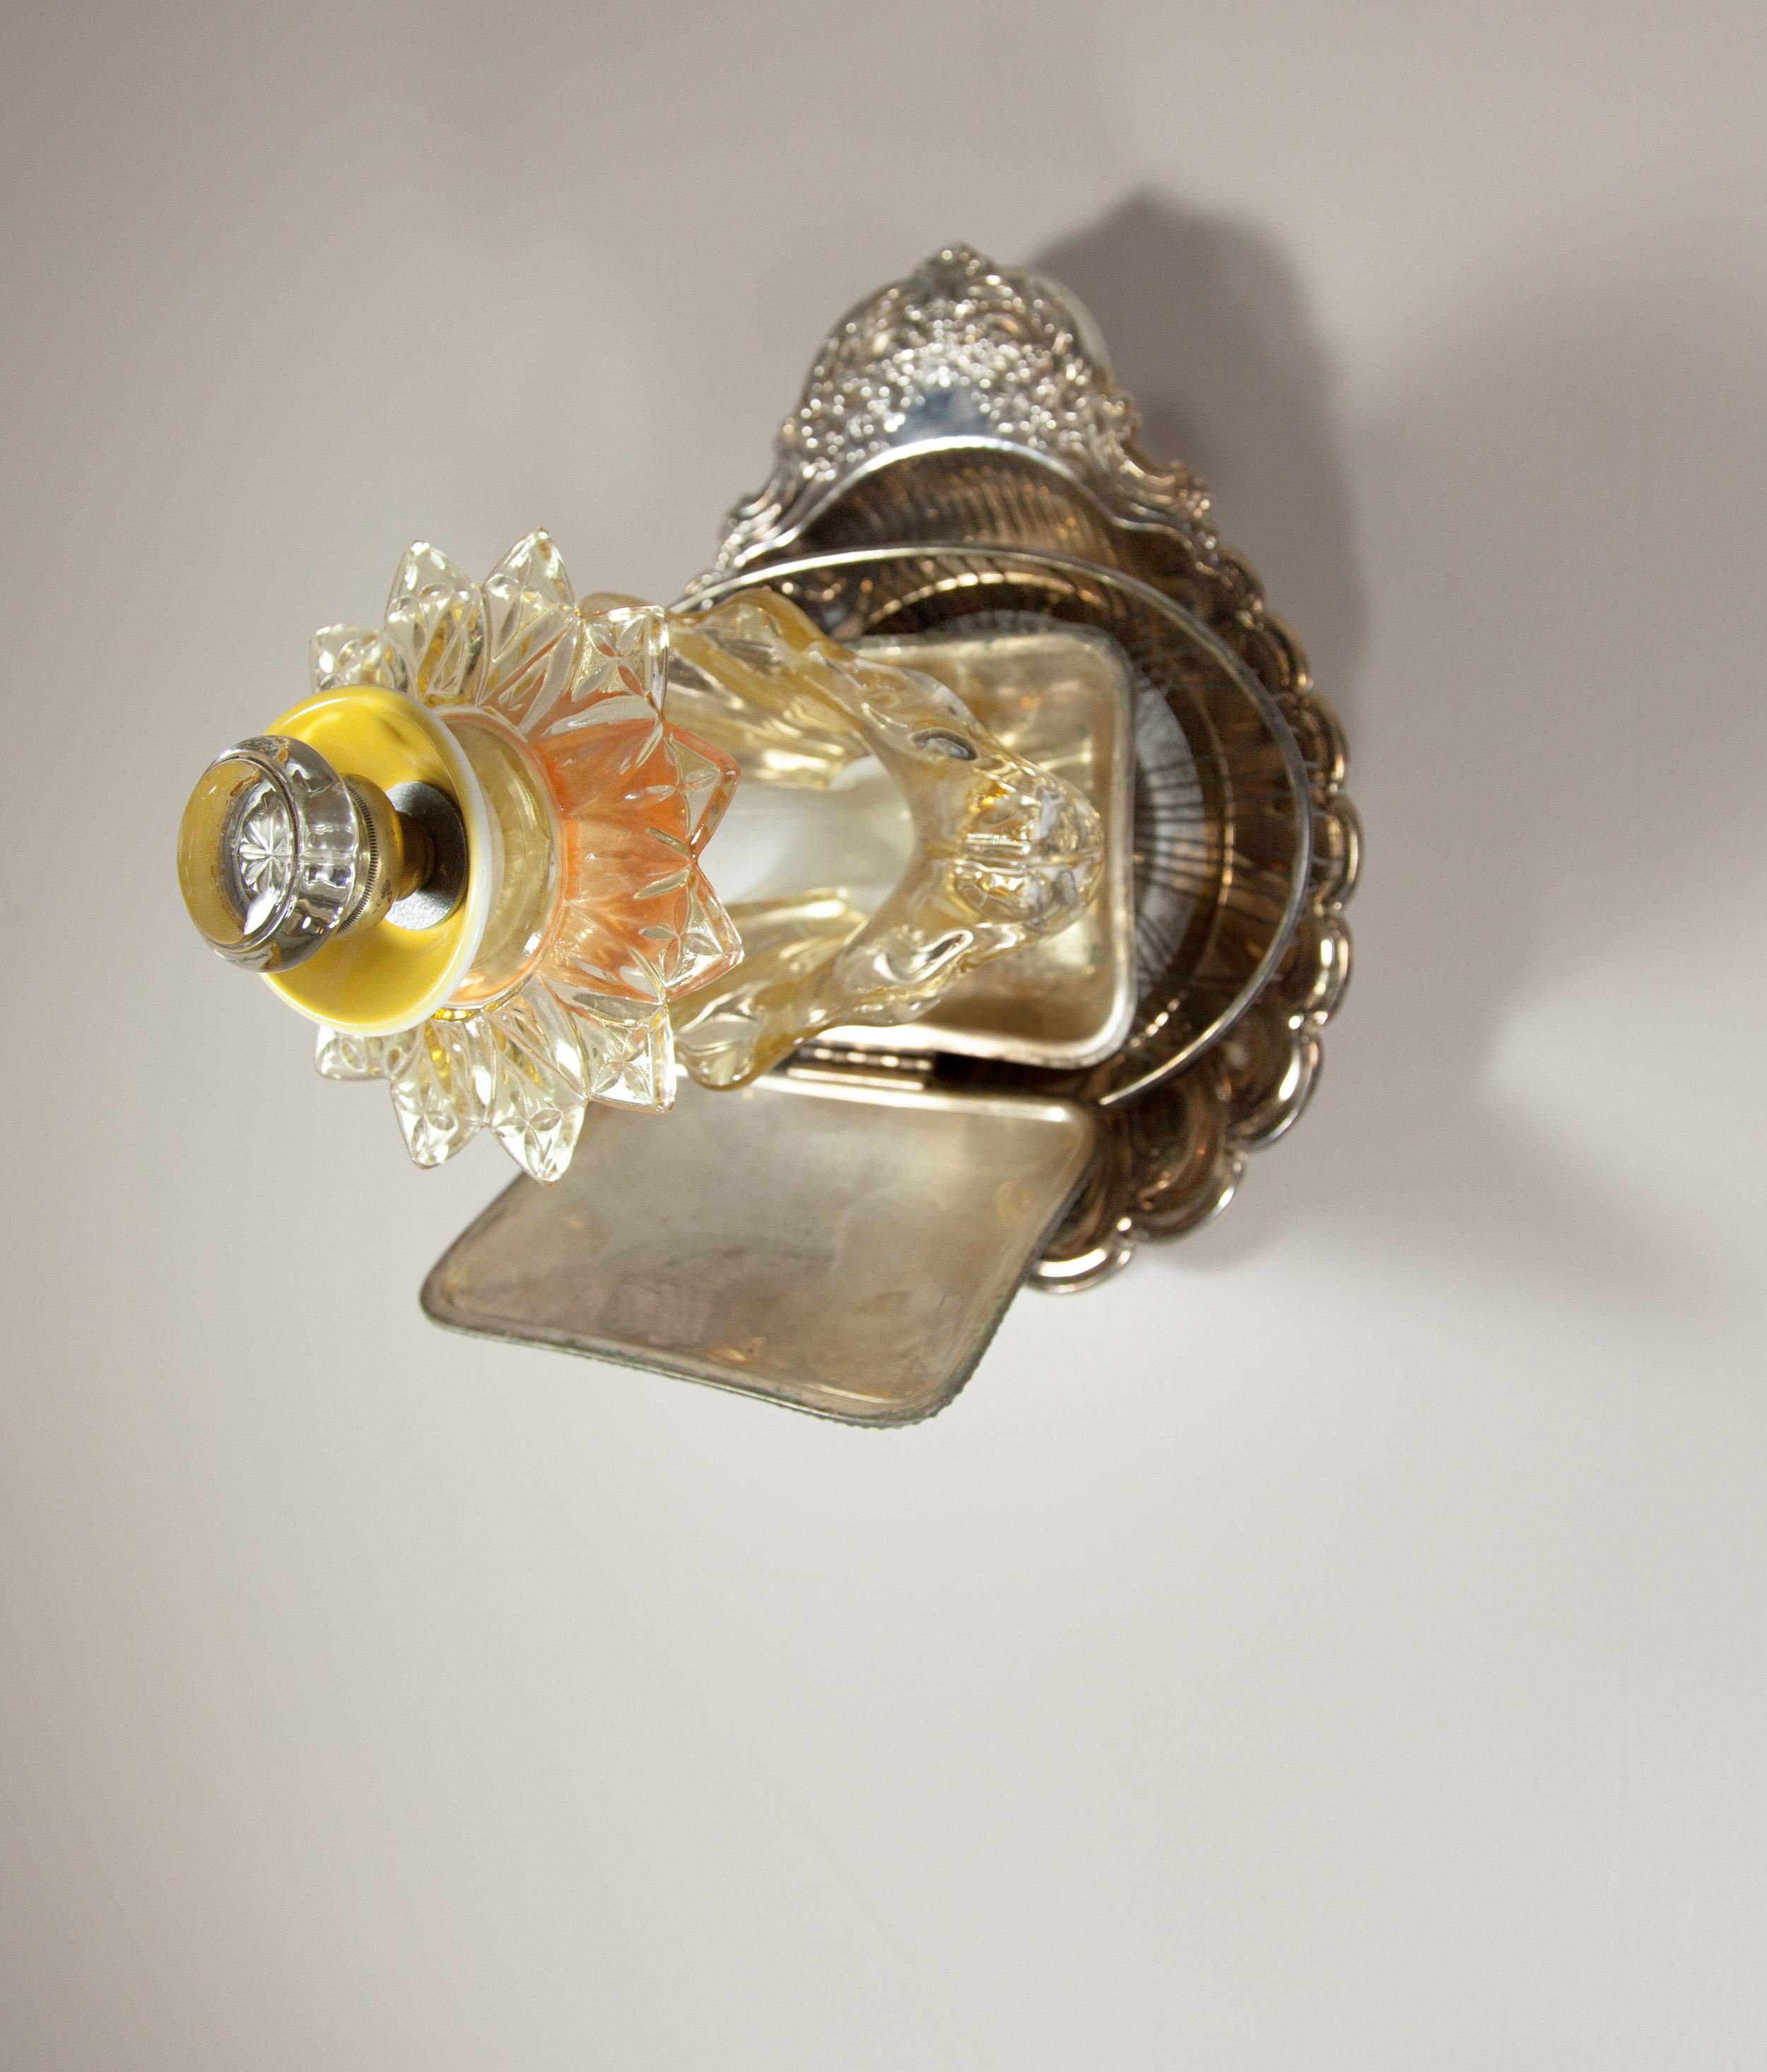 Occhi, 2017 domestic objects, doorknob, steel,12 x 14 x 13 3/4 inches